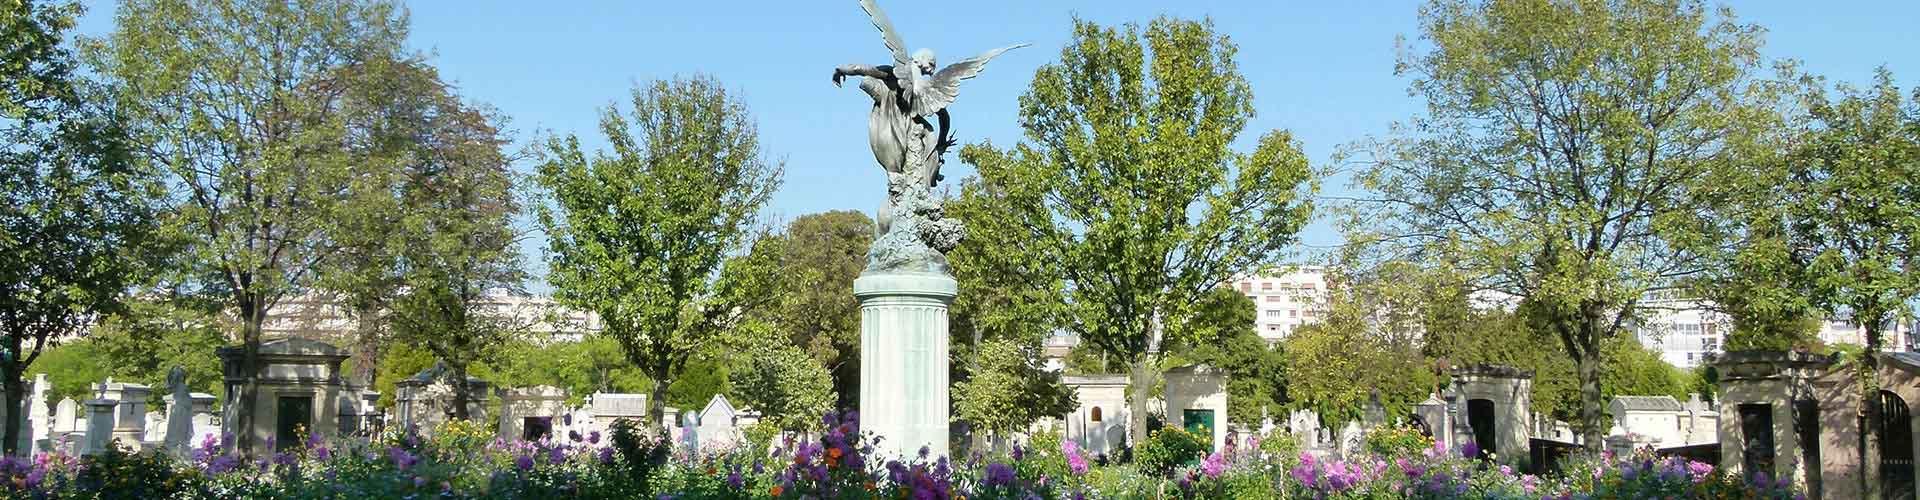 파리 - 몽파르나스 묘지에 가까운 호스텔. 파리의 지도, 파리에 위치한 호스텔에 대한 사진 및 리뷰.